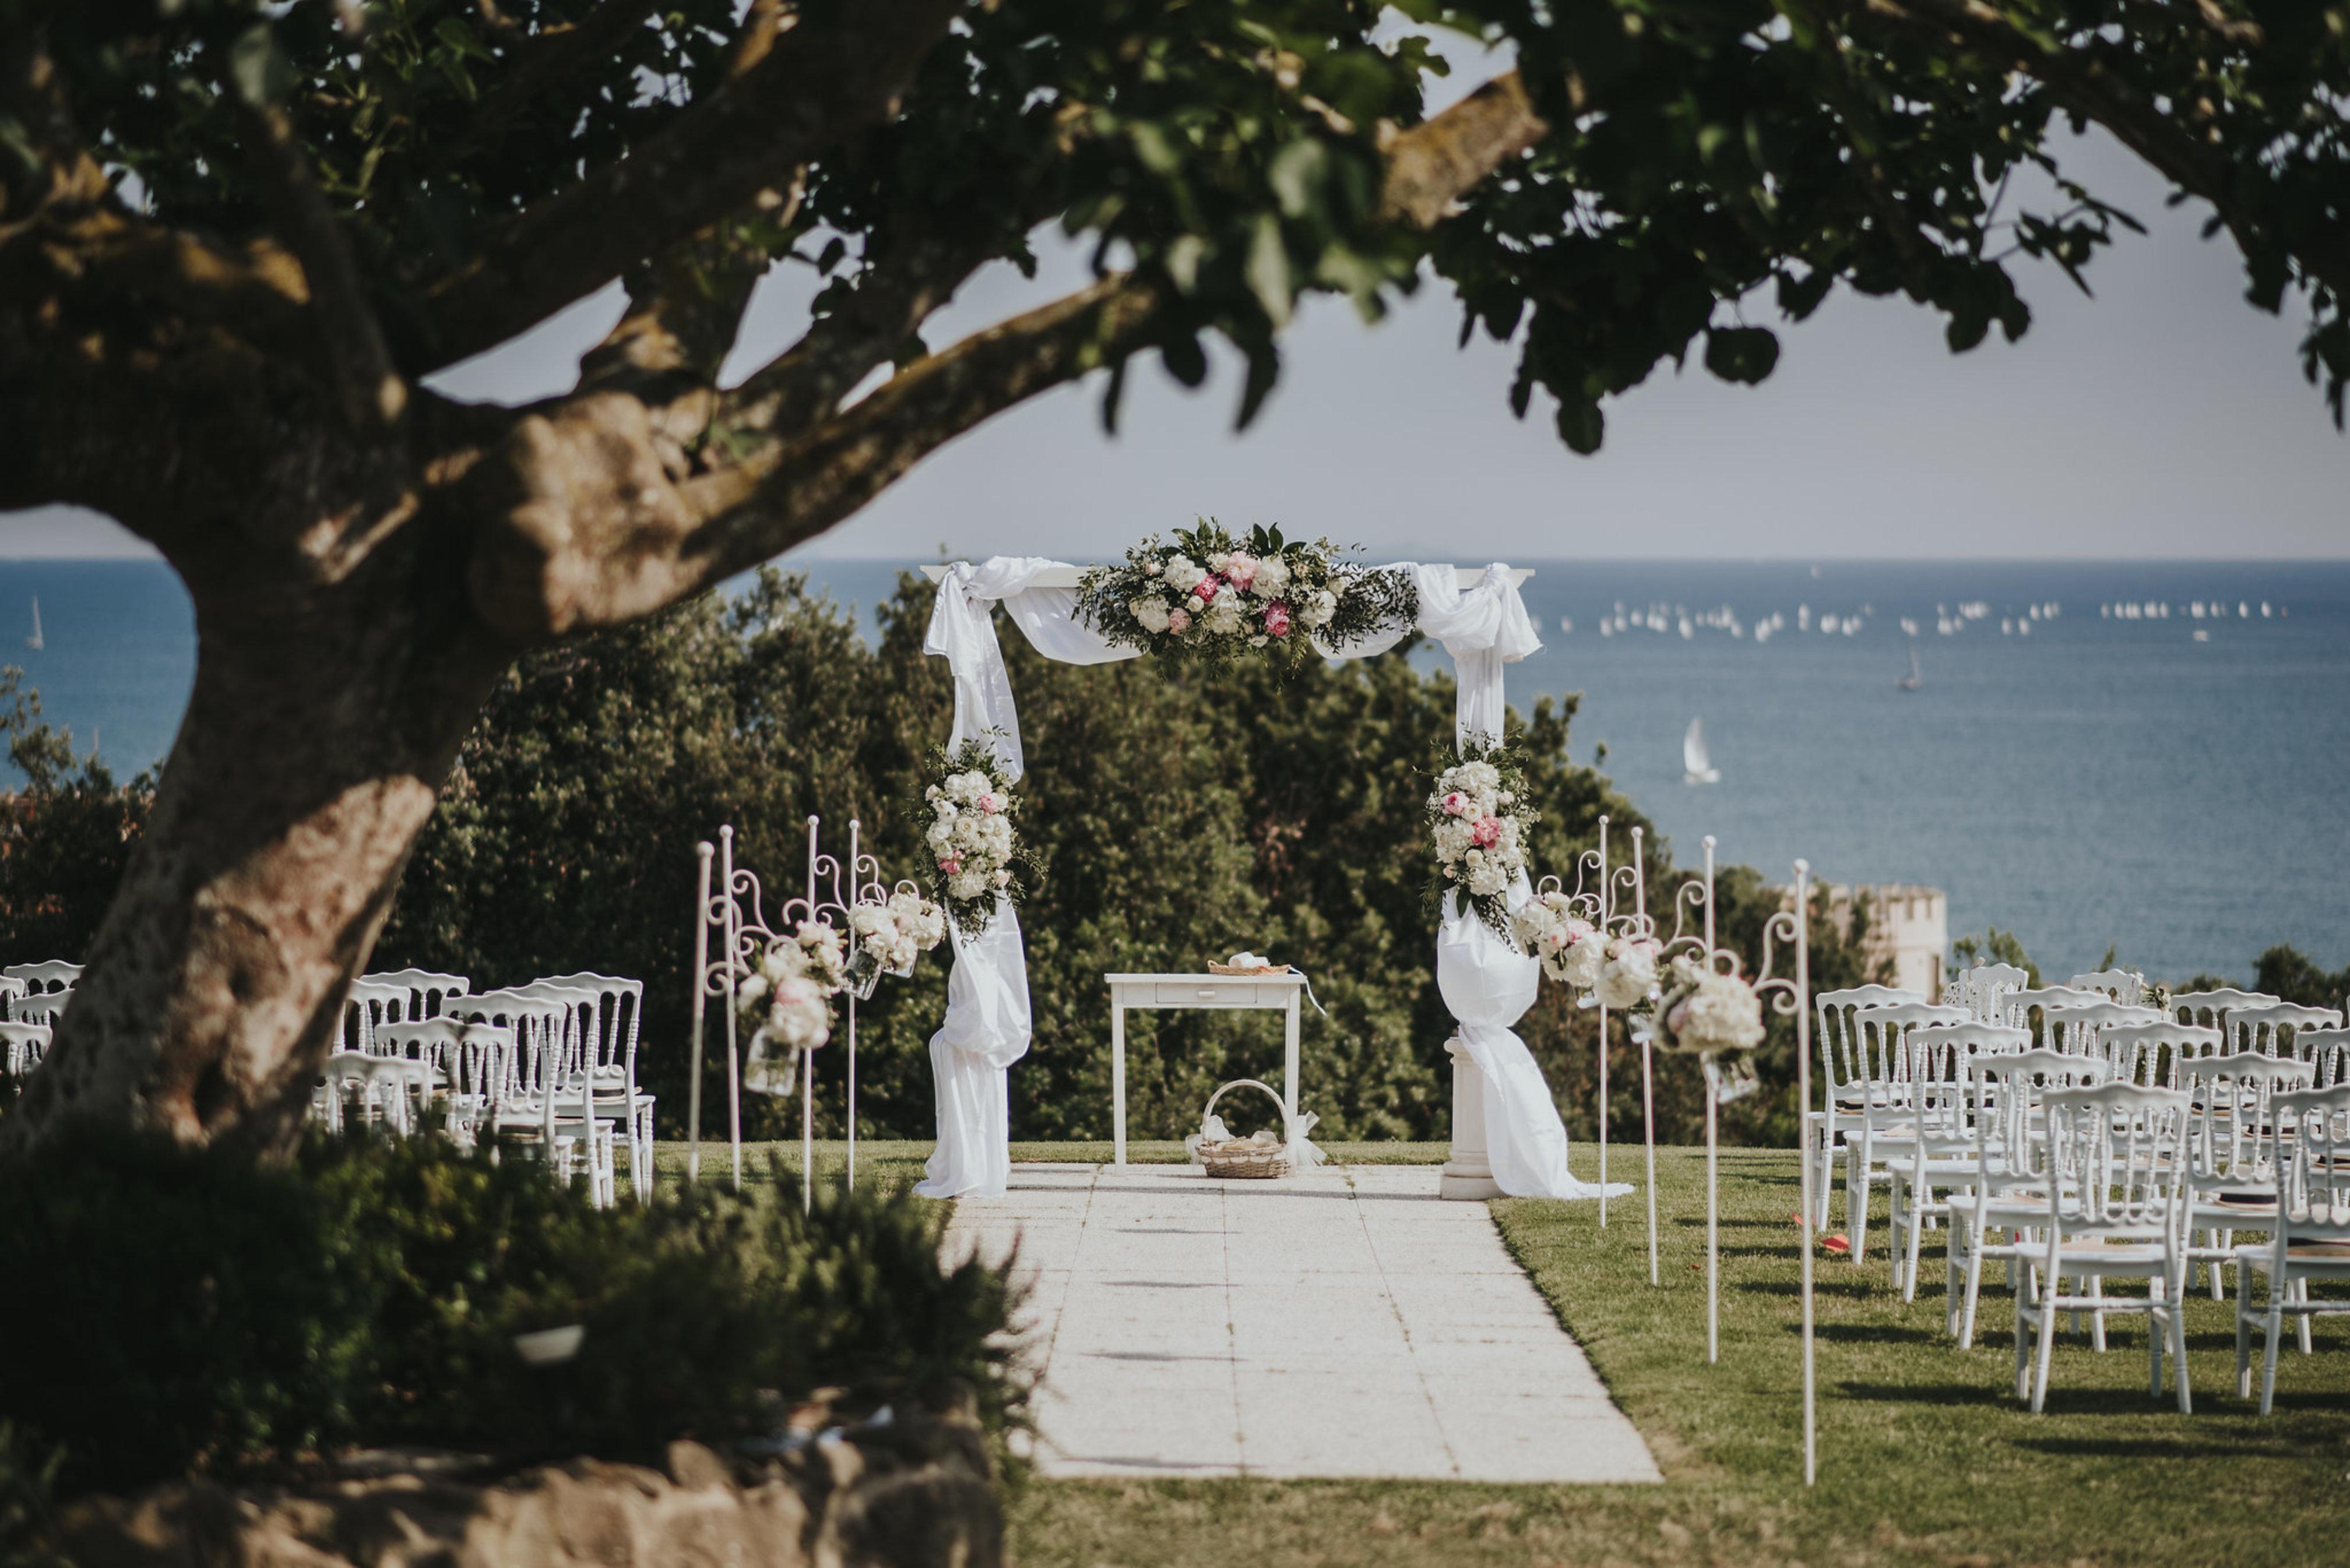 Déco lieu de la cérémonie